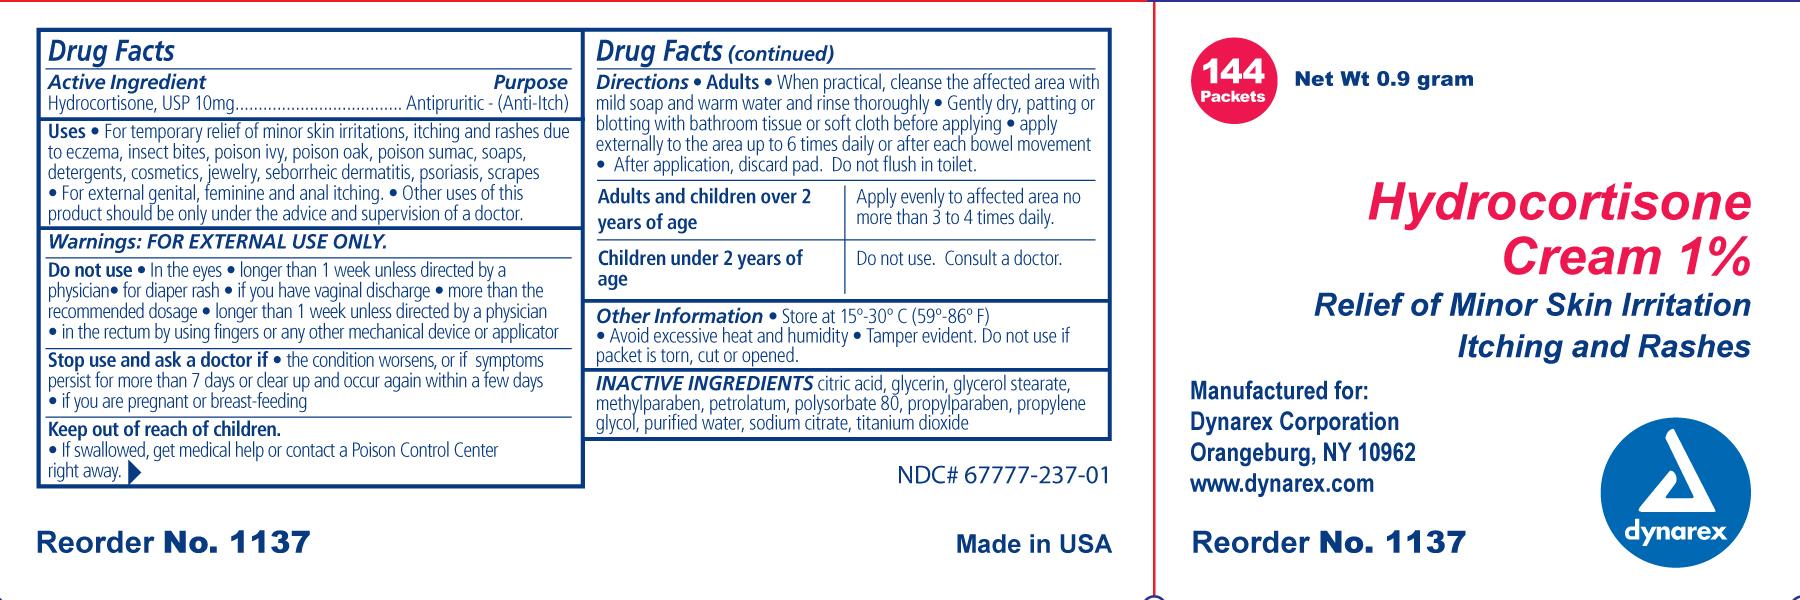 Hydrocortisone (Hydrocortisone ) Cream [Dynarex Corporation]